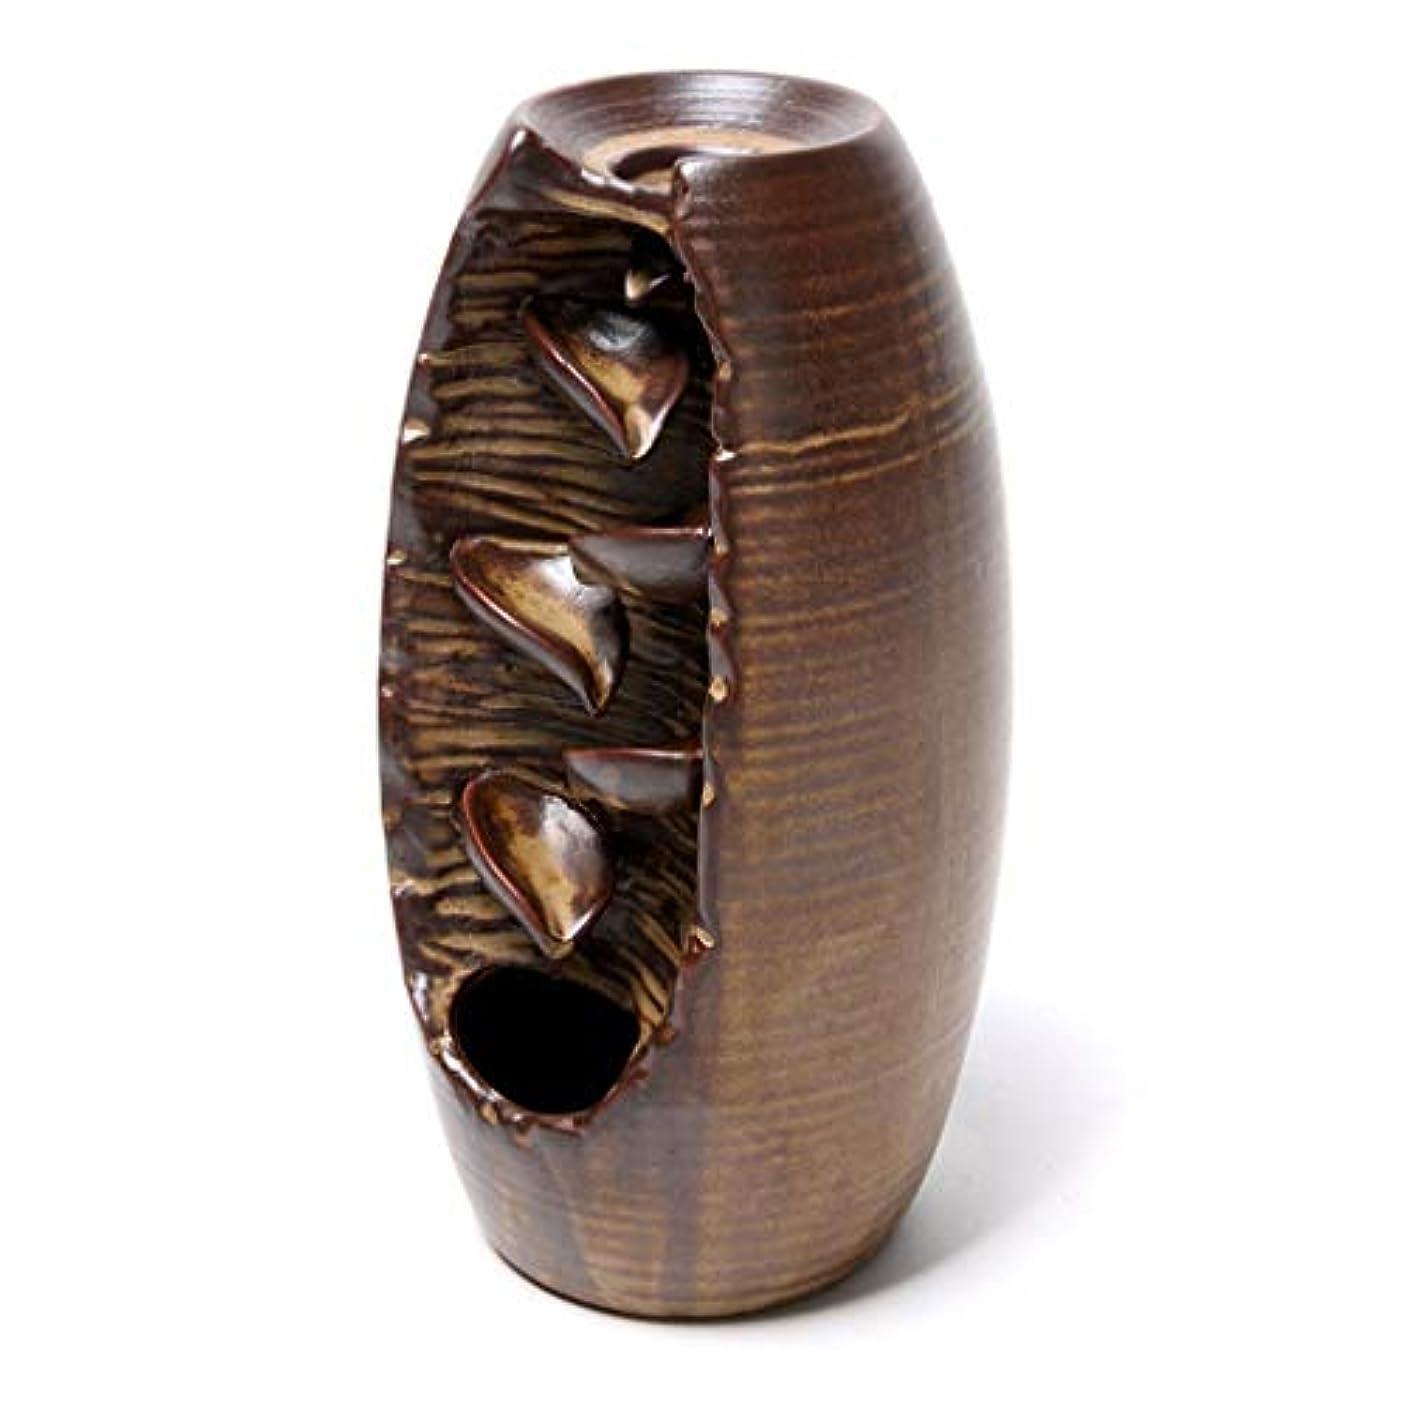 分散義務カートリッジセラミック逆流香炉逆流香ホルダーホームセラミックオフィス香コーンホルダーバーナーアロマセラピー炉 (Color : Brown, サイズ : 3.54*8.07 inches)